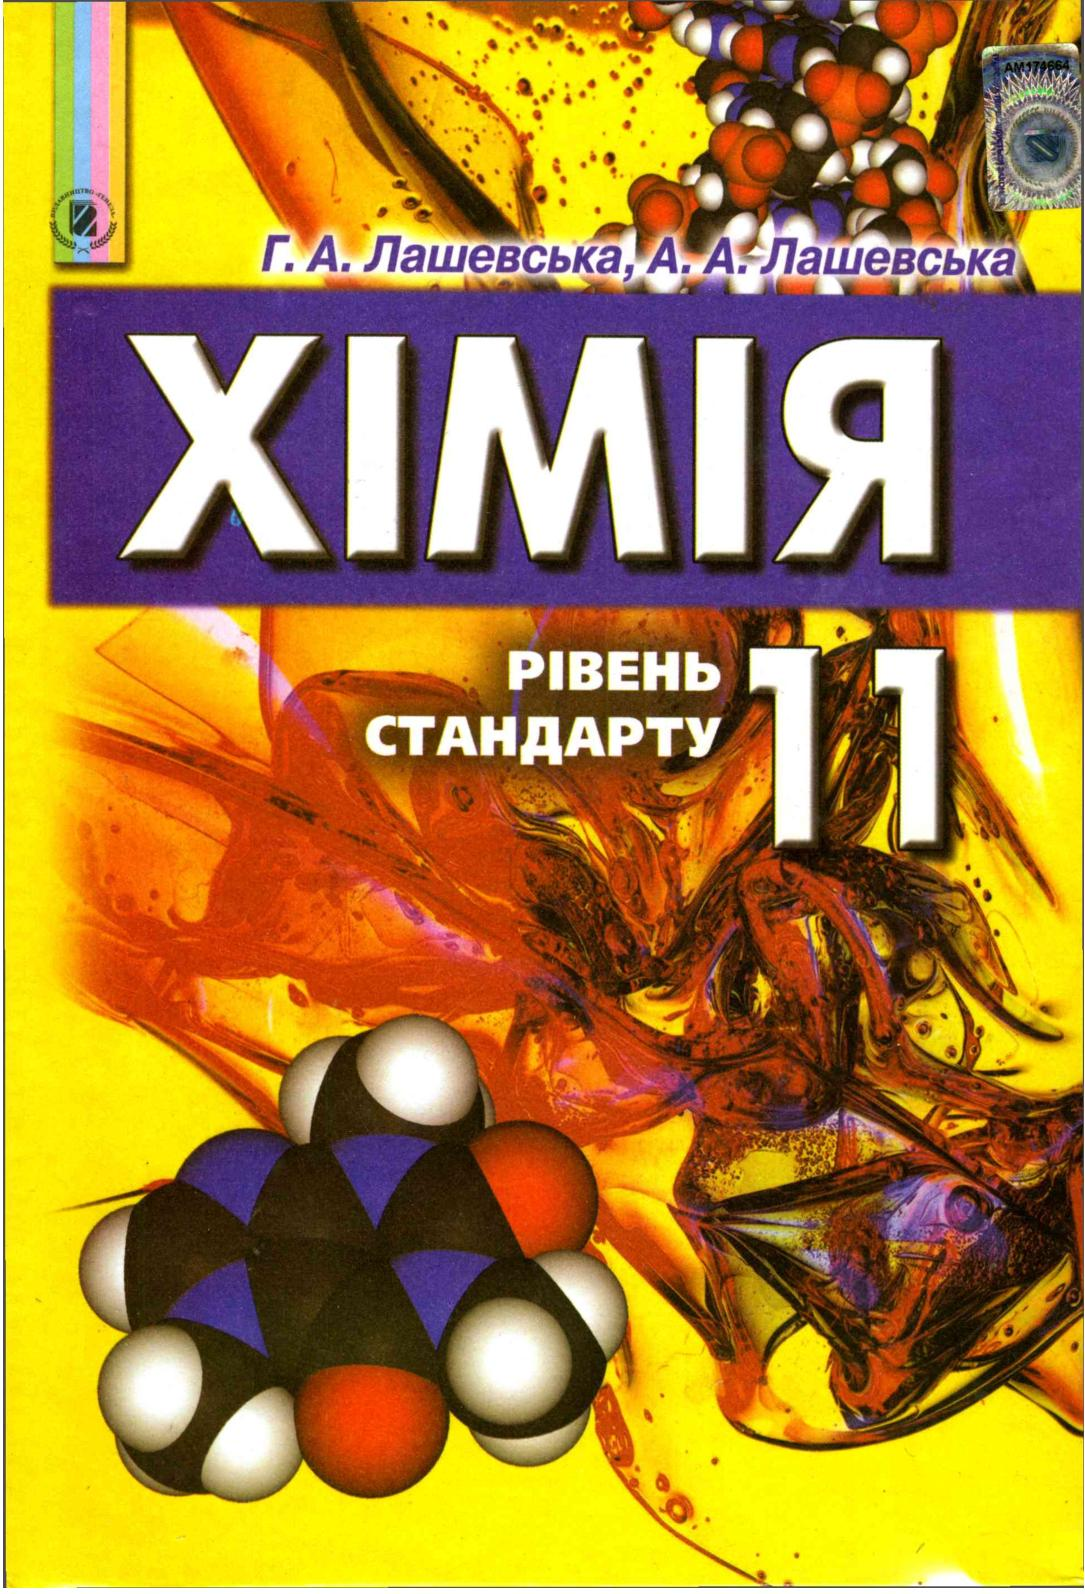 Calaméo - 11 клас. Хімія (Лашевська) - 2011 ec64336241fb8